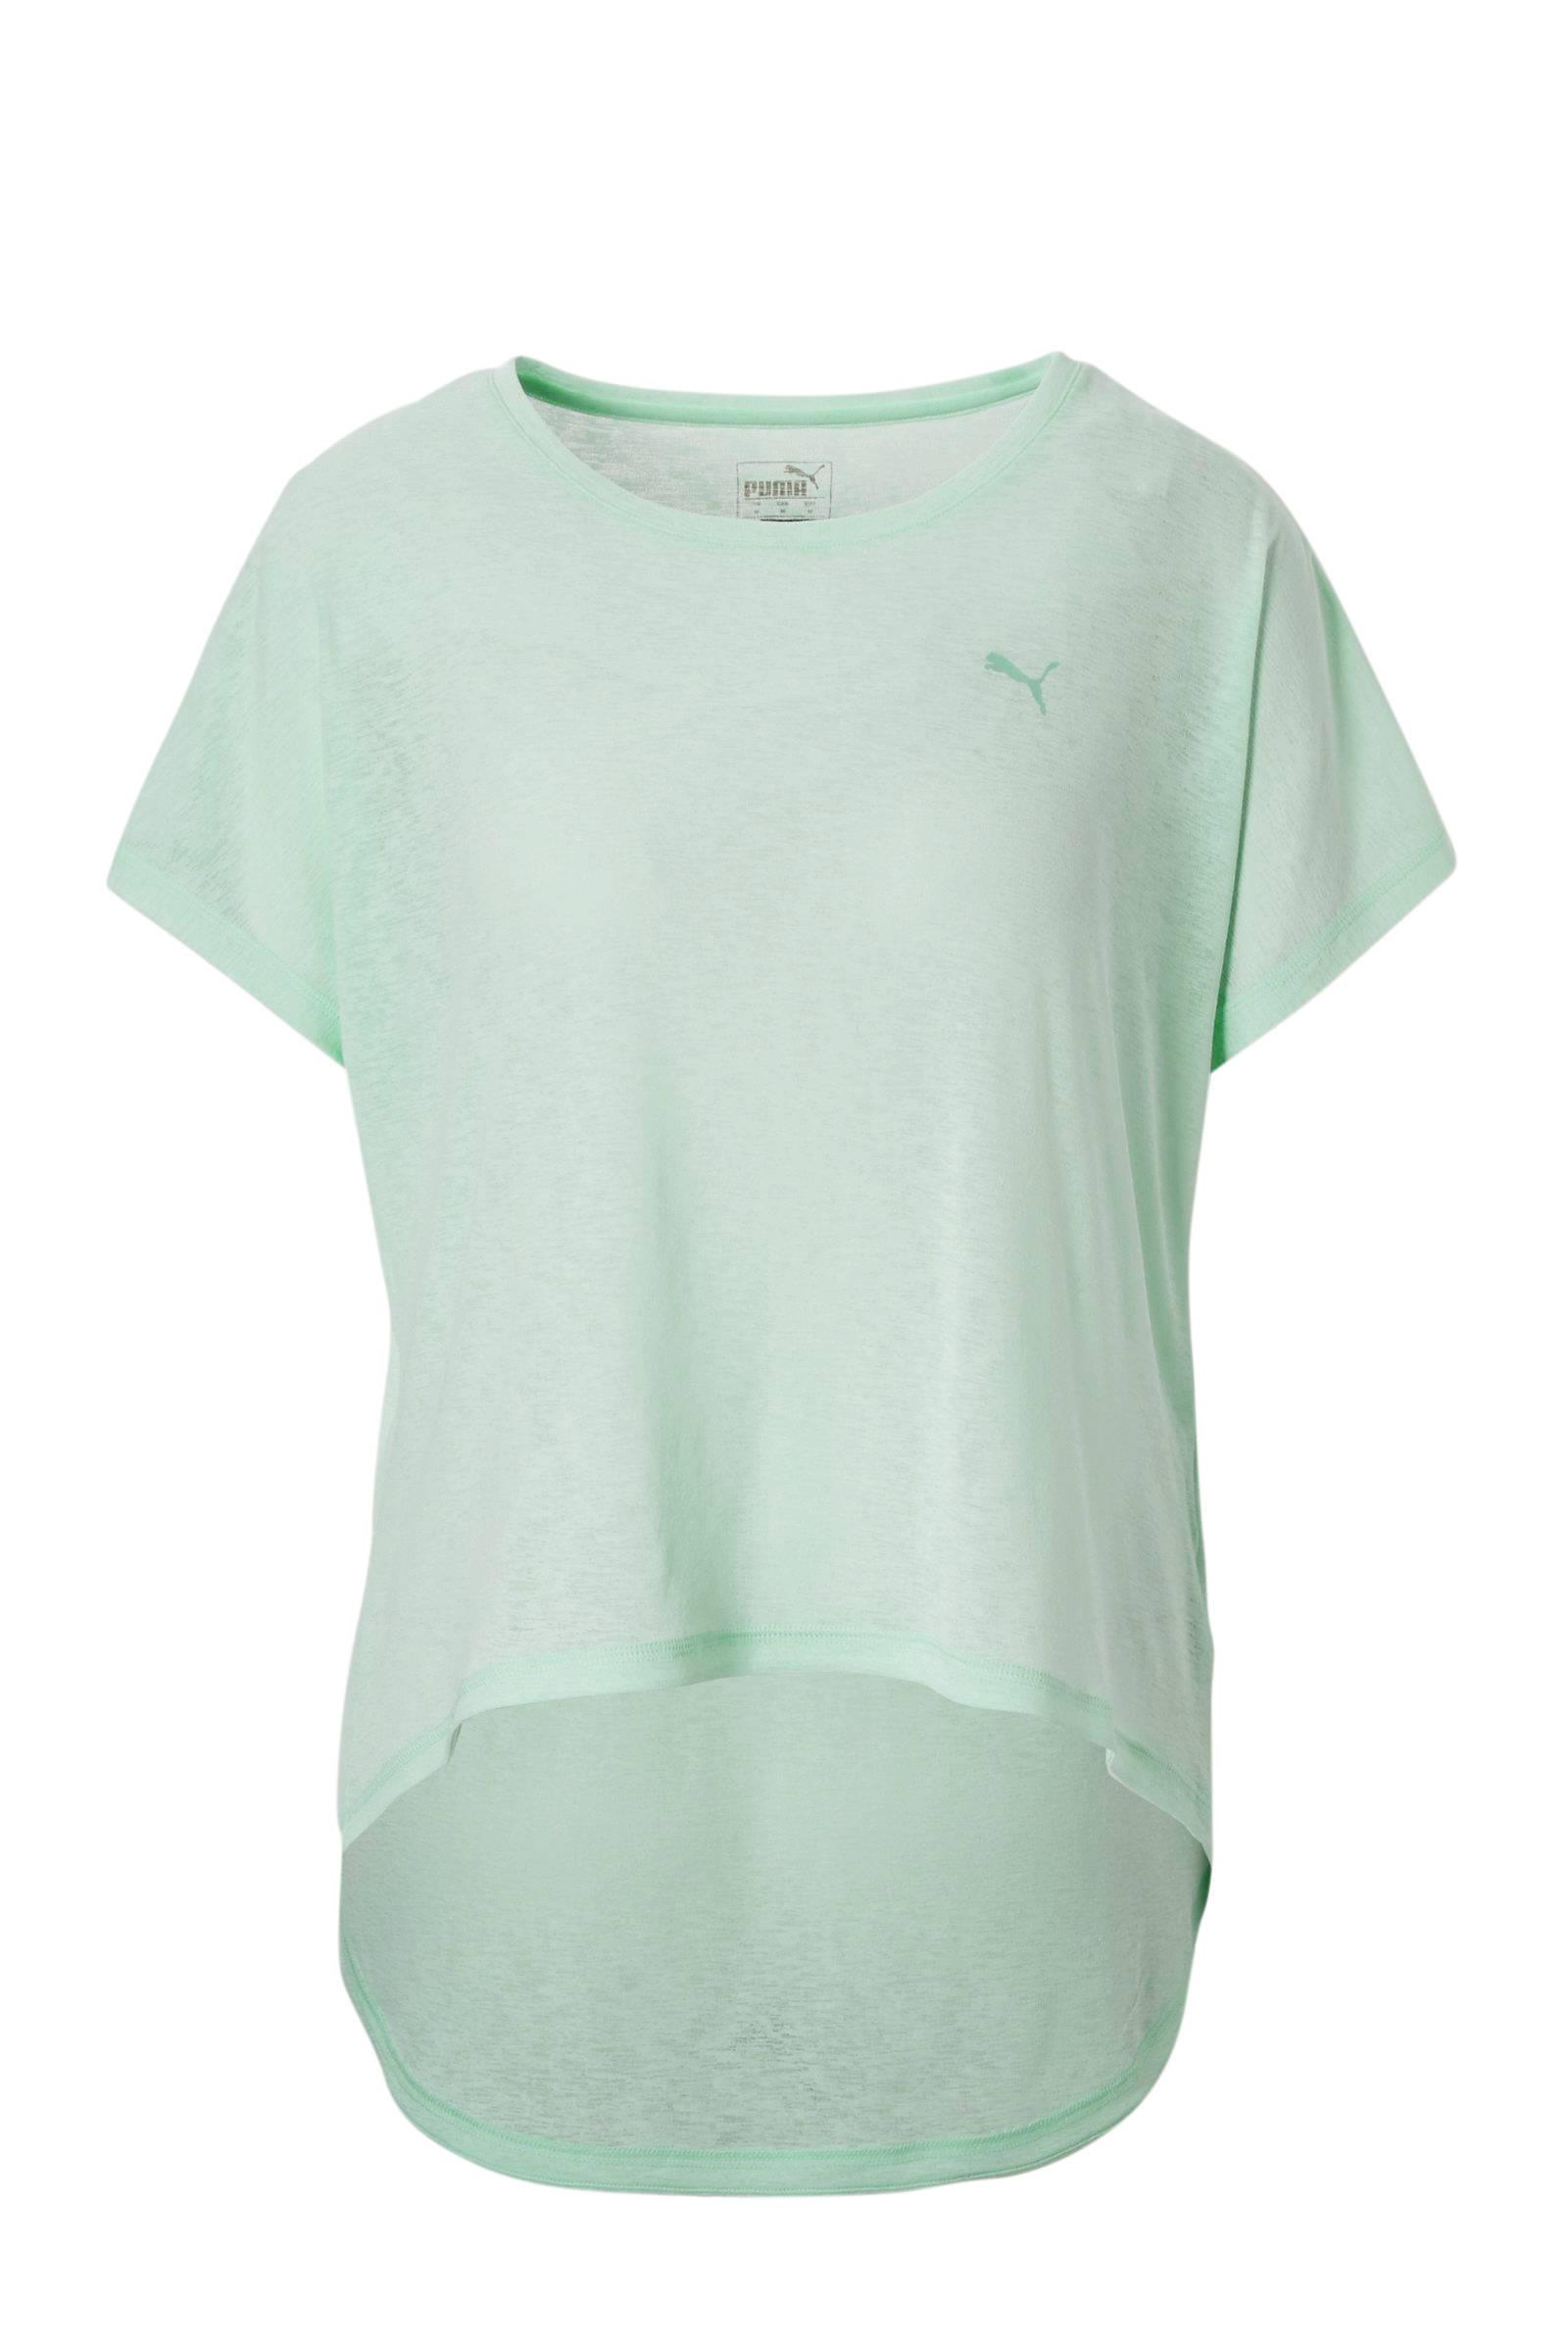 fbbc068ab69 puma-sport-t-shirt-mintgroen-mintgroen-4060978437624.jpg